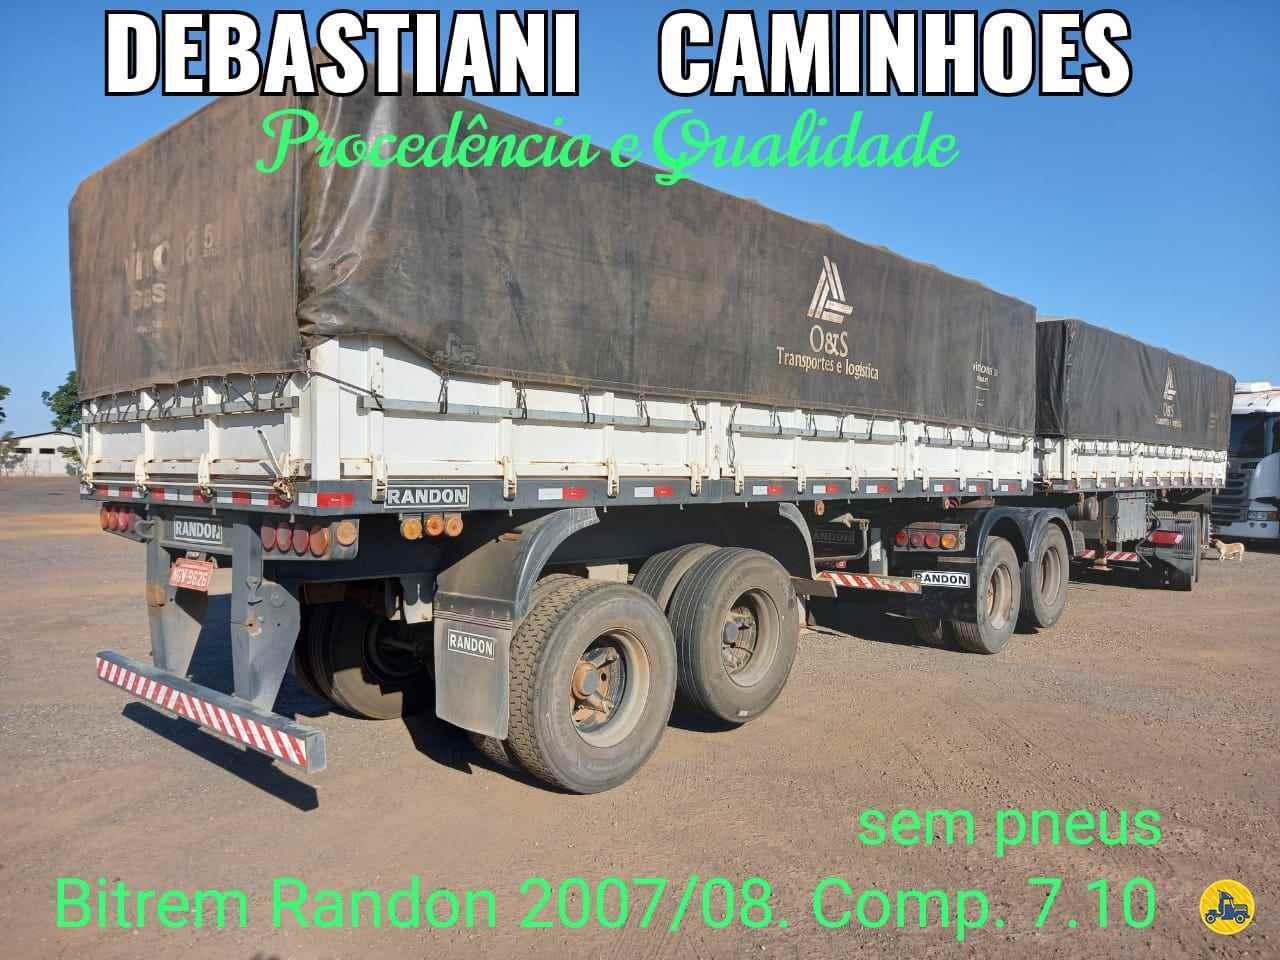 CARRETA BITREM GRANELEIRO Debastiani Caminhões ANAPOLIS GOIAS GO